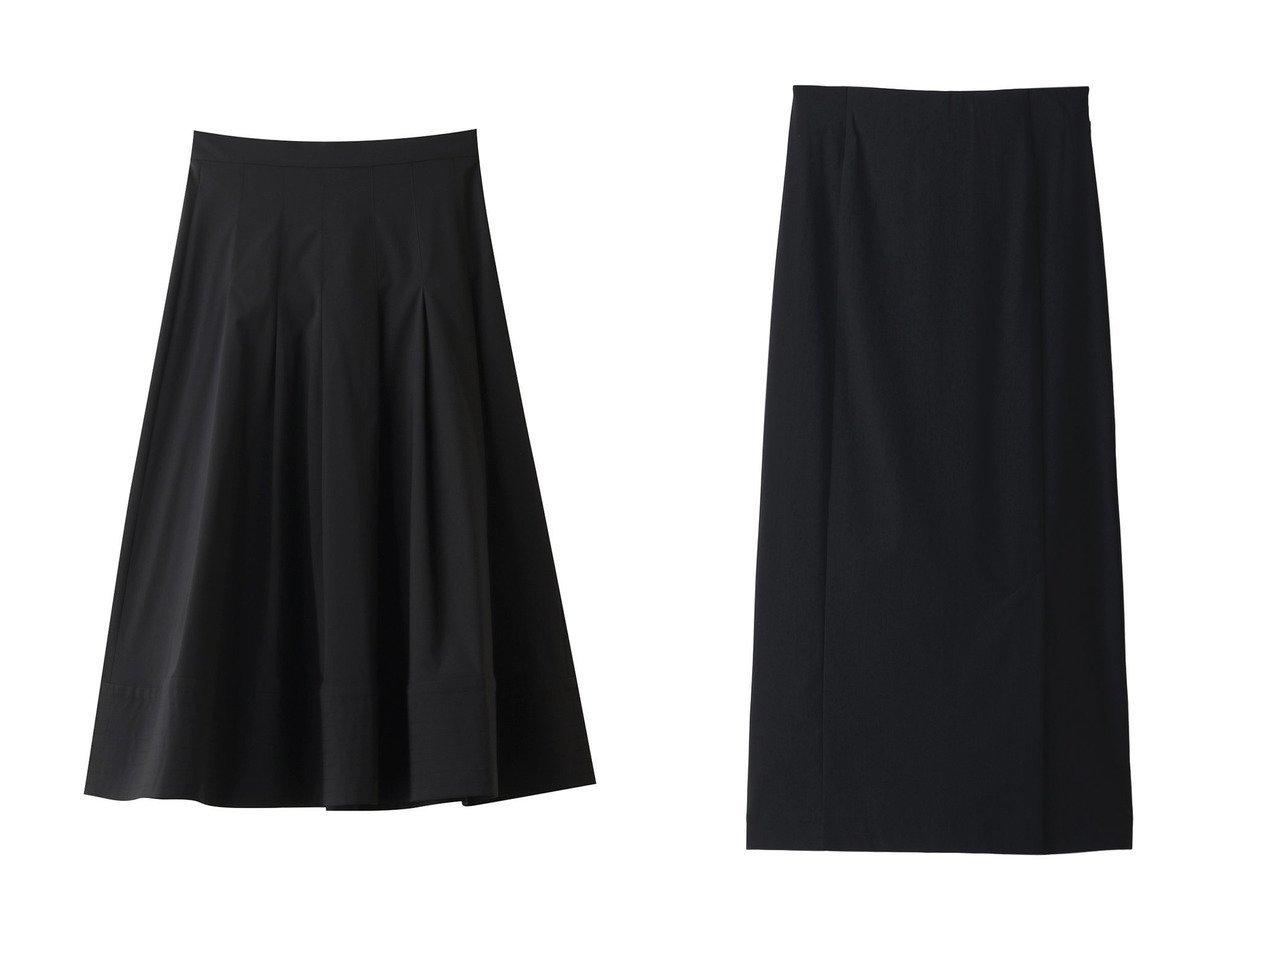 【Whim Gazette/ウィムガゼット】のカットタイトスカート&タフタボリュームスカート 【スカート】おすすめ!人気、トレンド・レディースファッションの通販 おすすめで人気の流行・トレンド、ファッションの通販商品 インテリア・家具・メンズファッション・キッズファッション・レディースファッション・服の通販 founy(ファニー) https://founy.com/ ファッション Fashion レディースファッション WOMEN スカート Skirt ロングスカート Long Skirt 2020年 2020 2020-2021秋冬・A/W AW・Autumn/Winter・FW・Fall-Winter/2020-2021 2021年 2021 2021-2022秋冬・A/W AW・Autumn/Winter・FW・Fall-Winter・2021-2022 A/W・秋冬 AW・Autumn/Winter・FW・Fall-Winter タフタ フォルム ロング シンプル スリット タイトスカート  ID:crp329100000065212